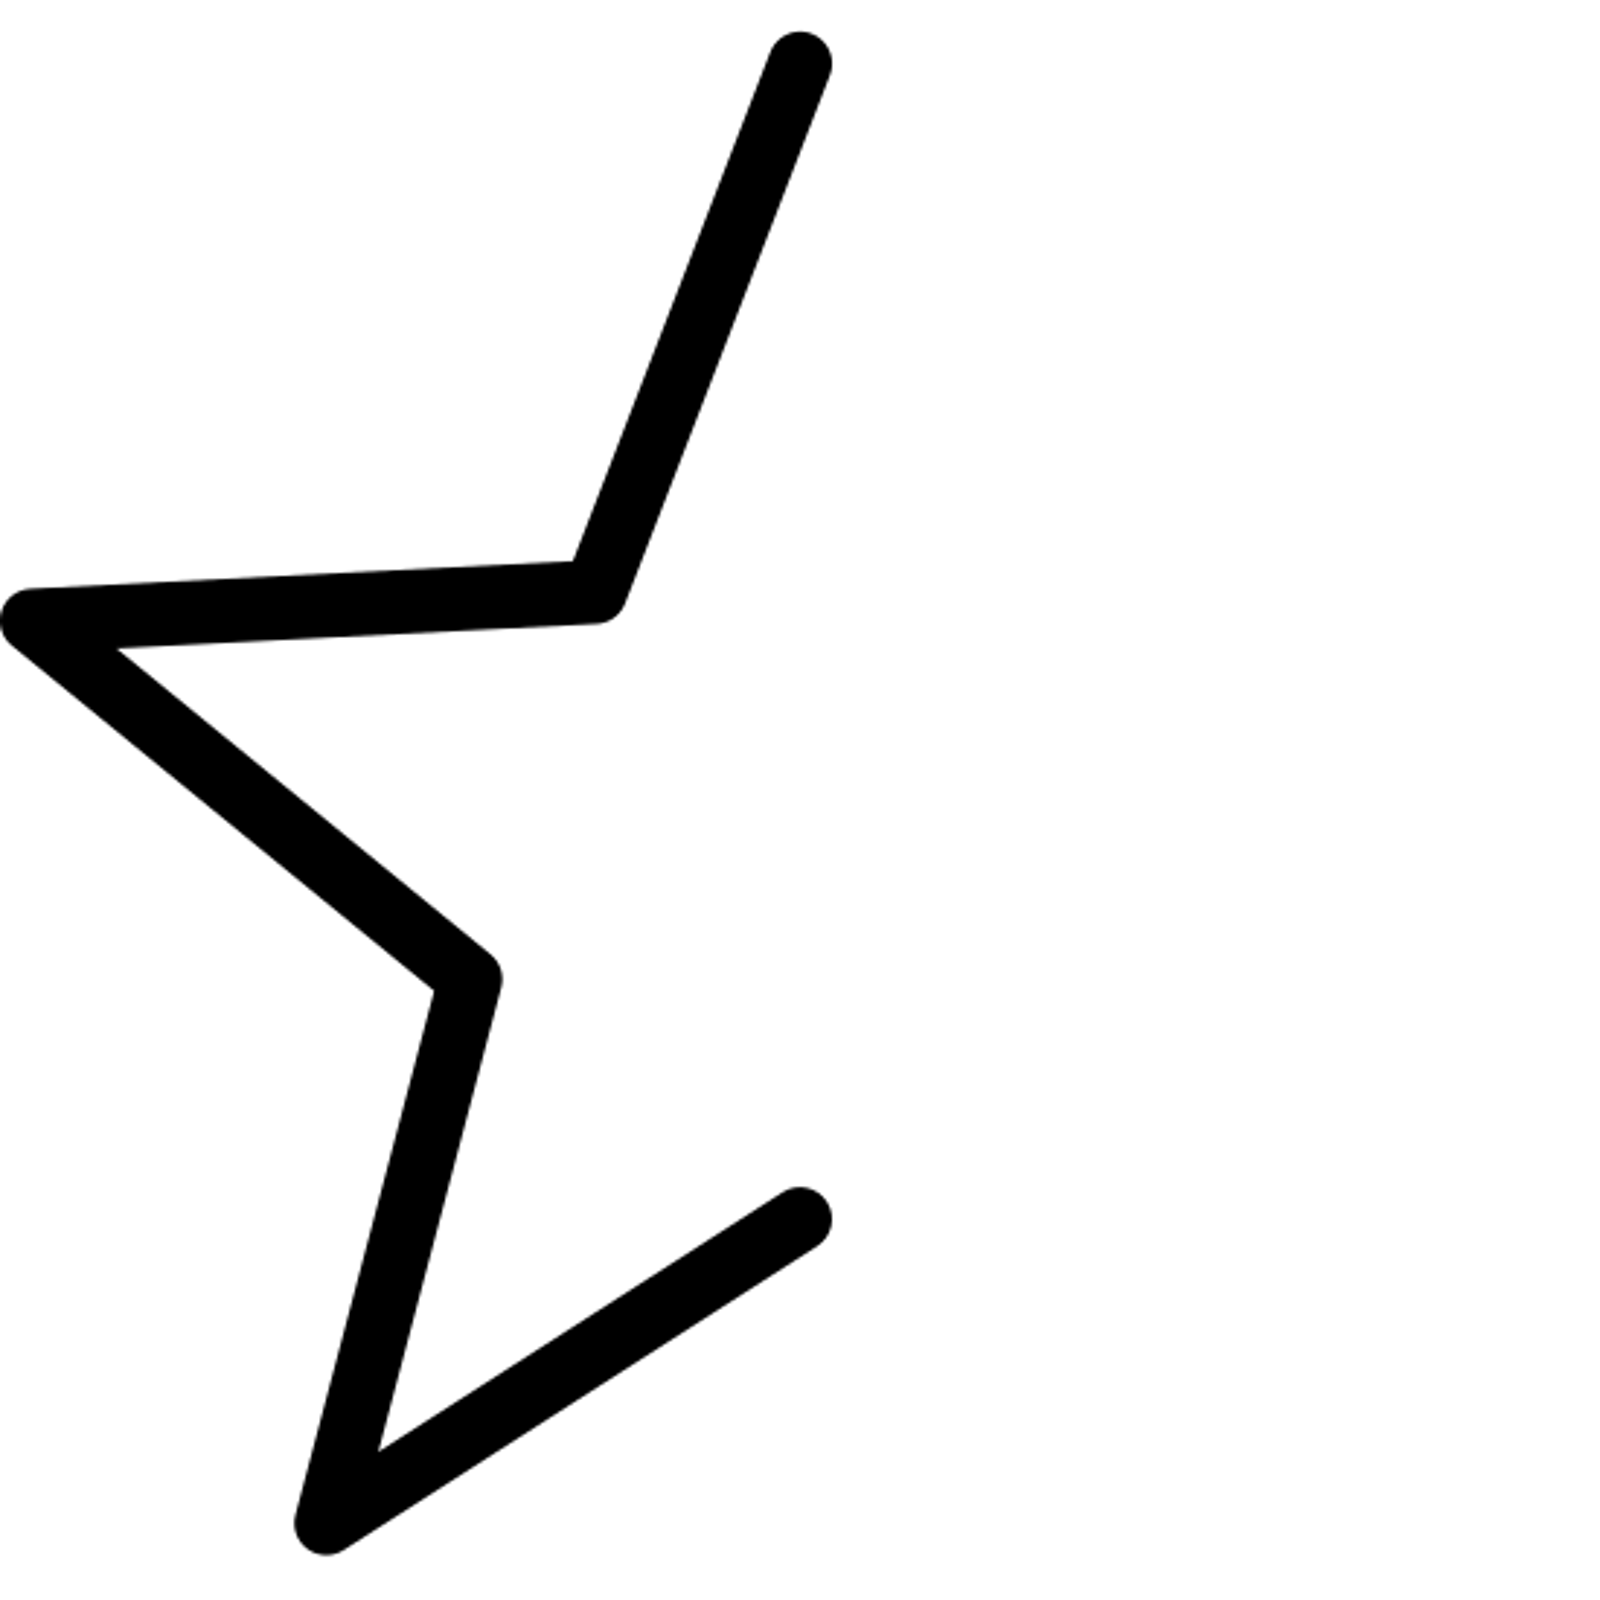 Gwiazda - Połowa icon